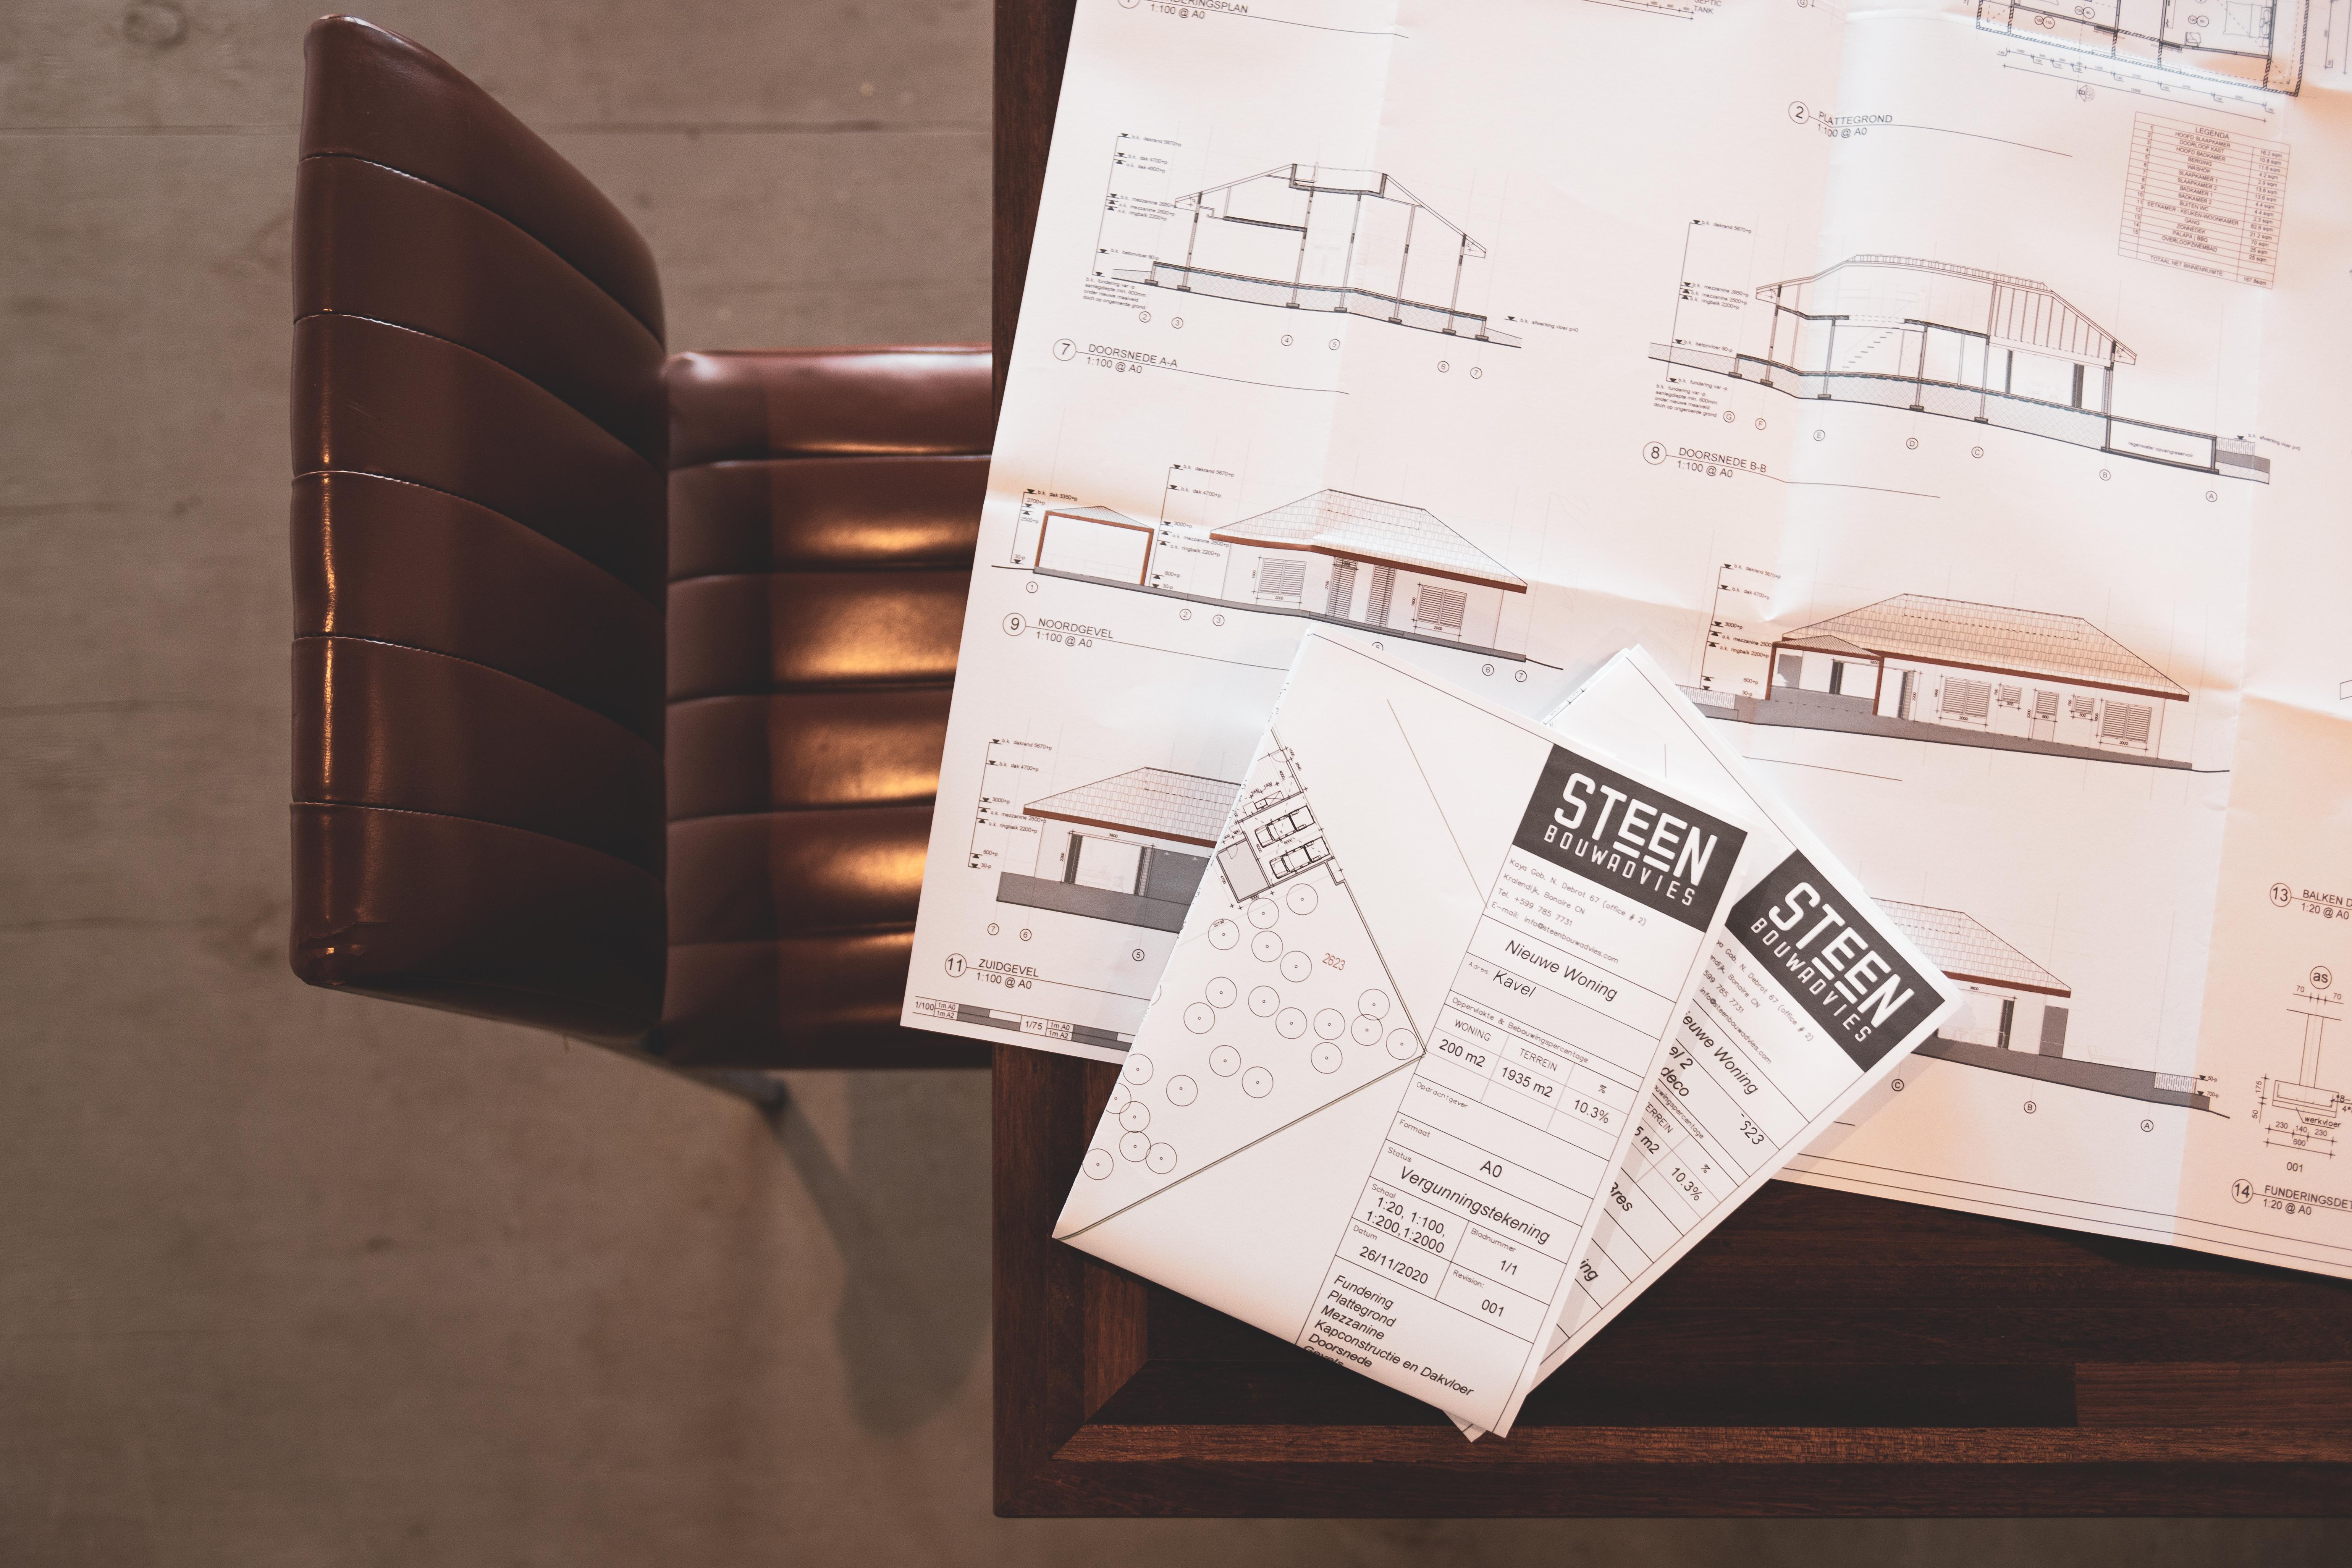 NIEUW - In huis architect